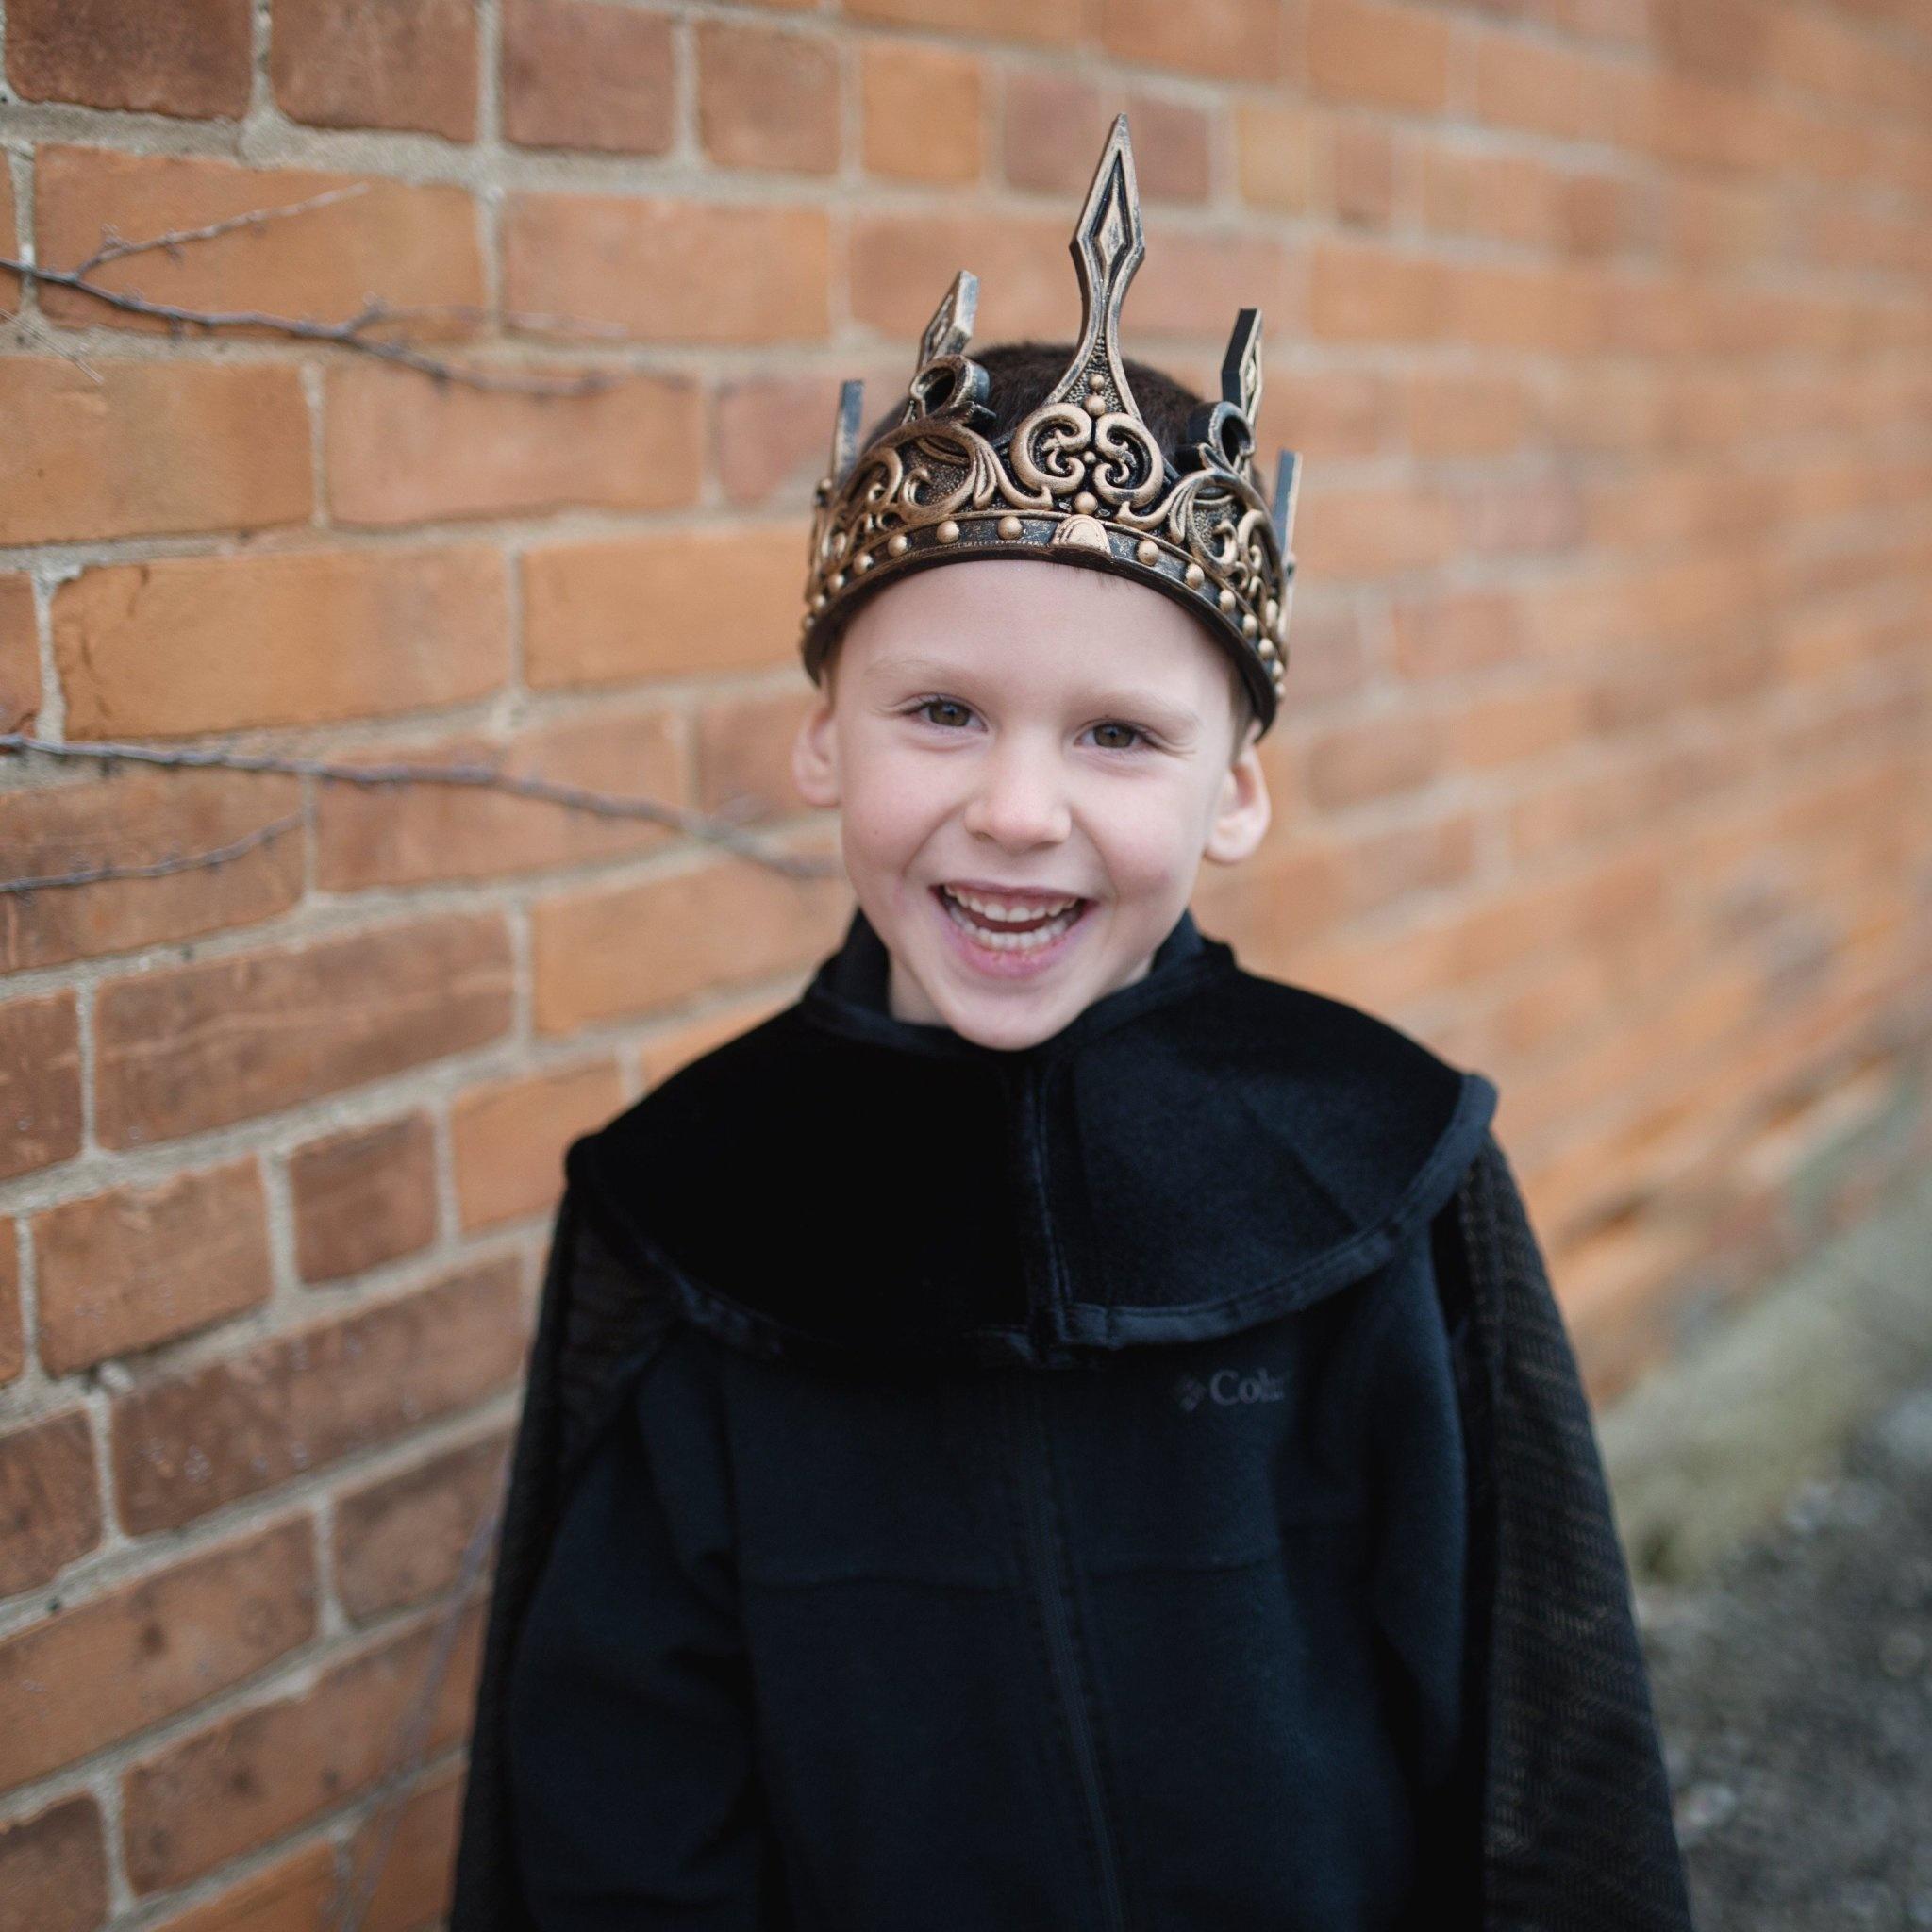 Medieval Crown (Black & Gold)-1